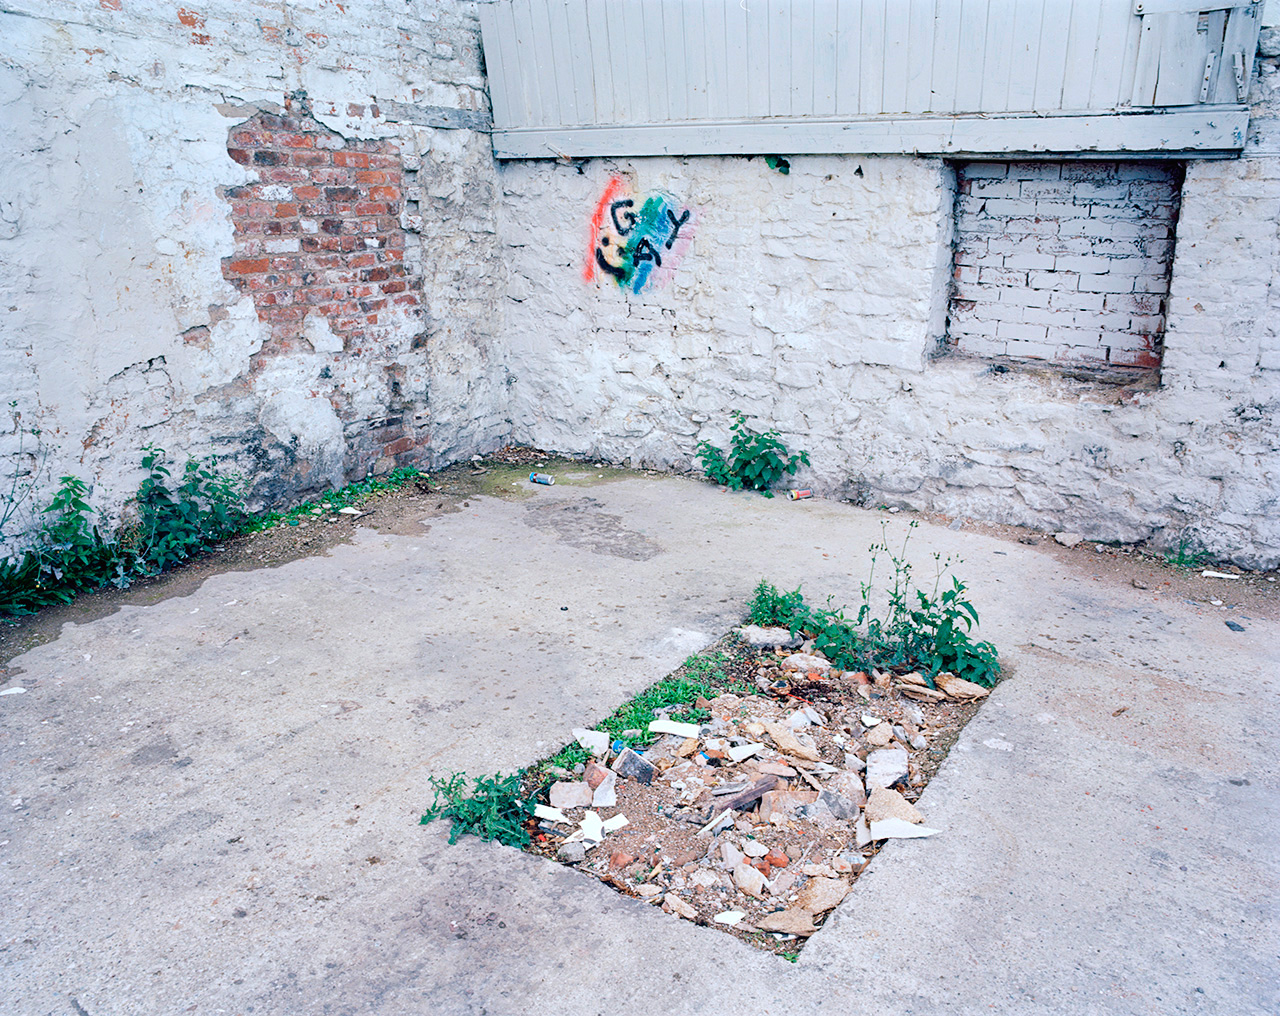 Gay-wall-2.jpg